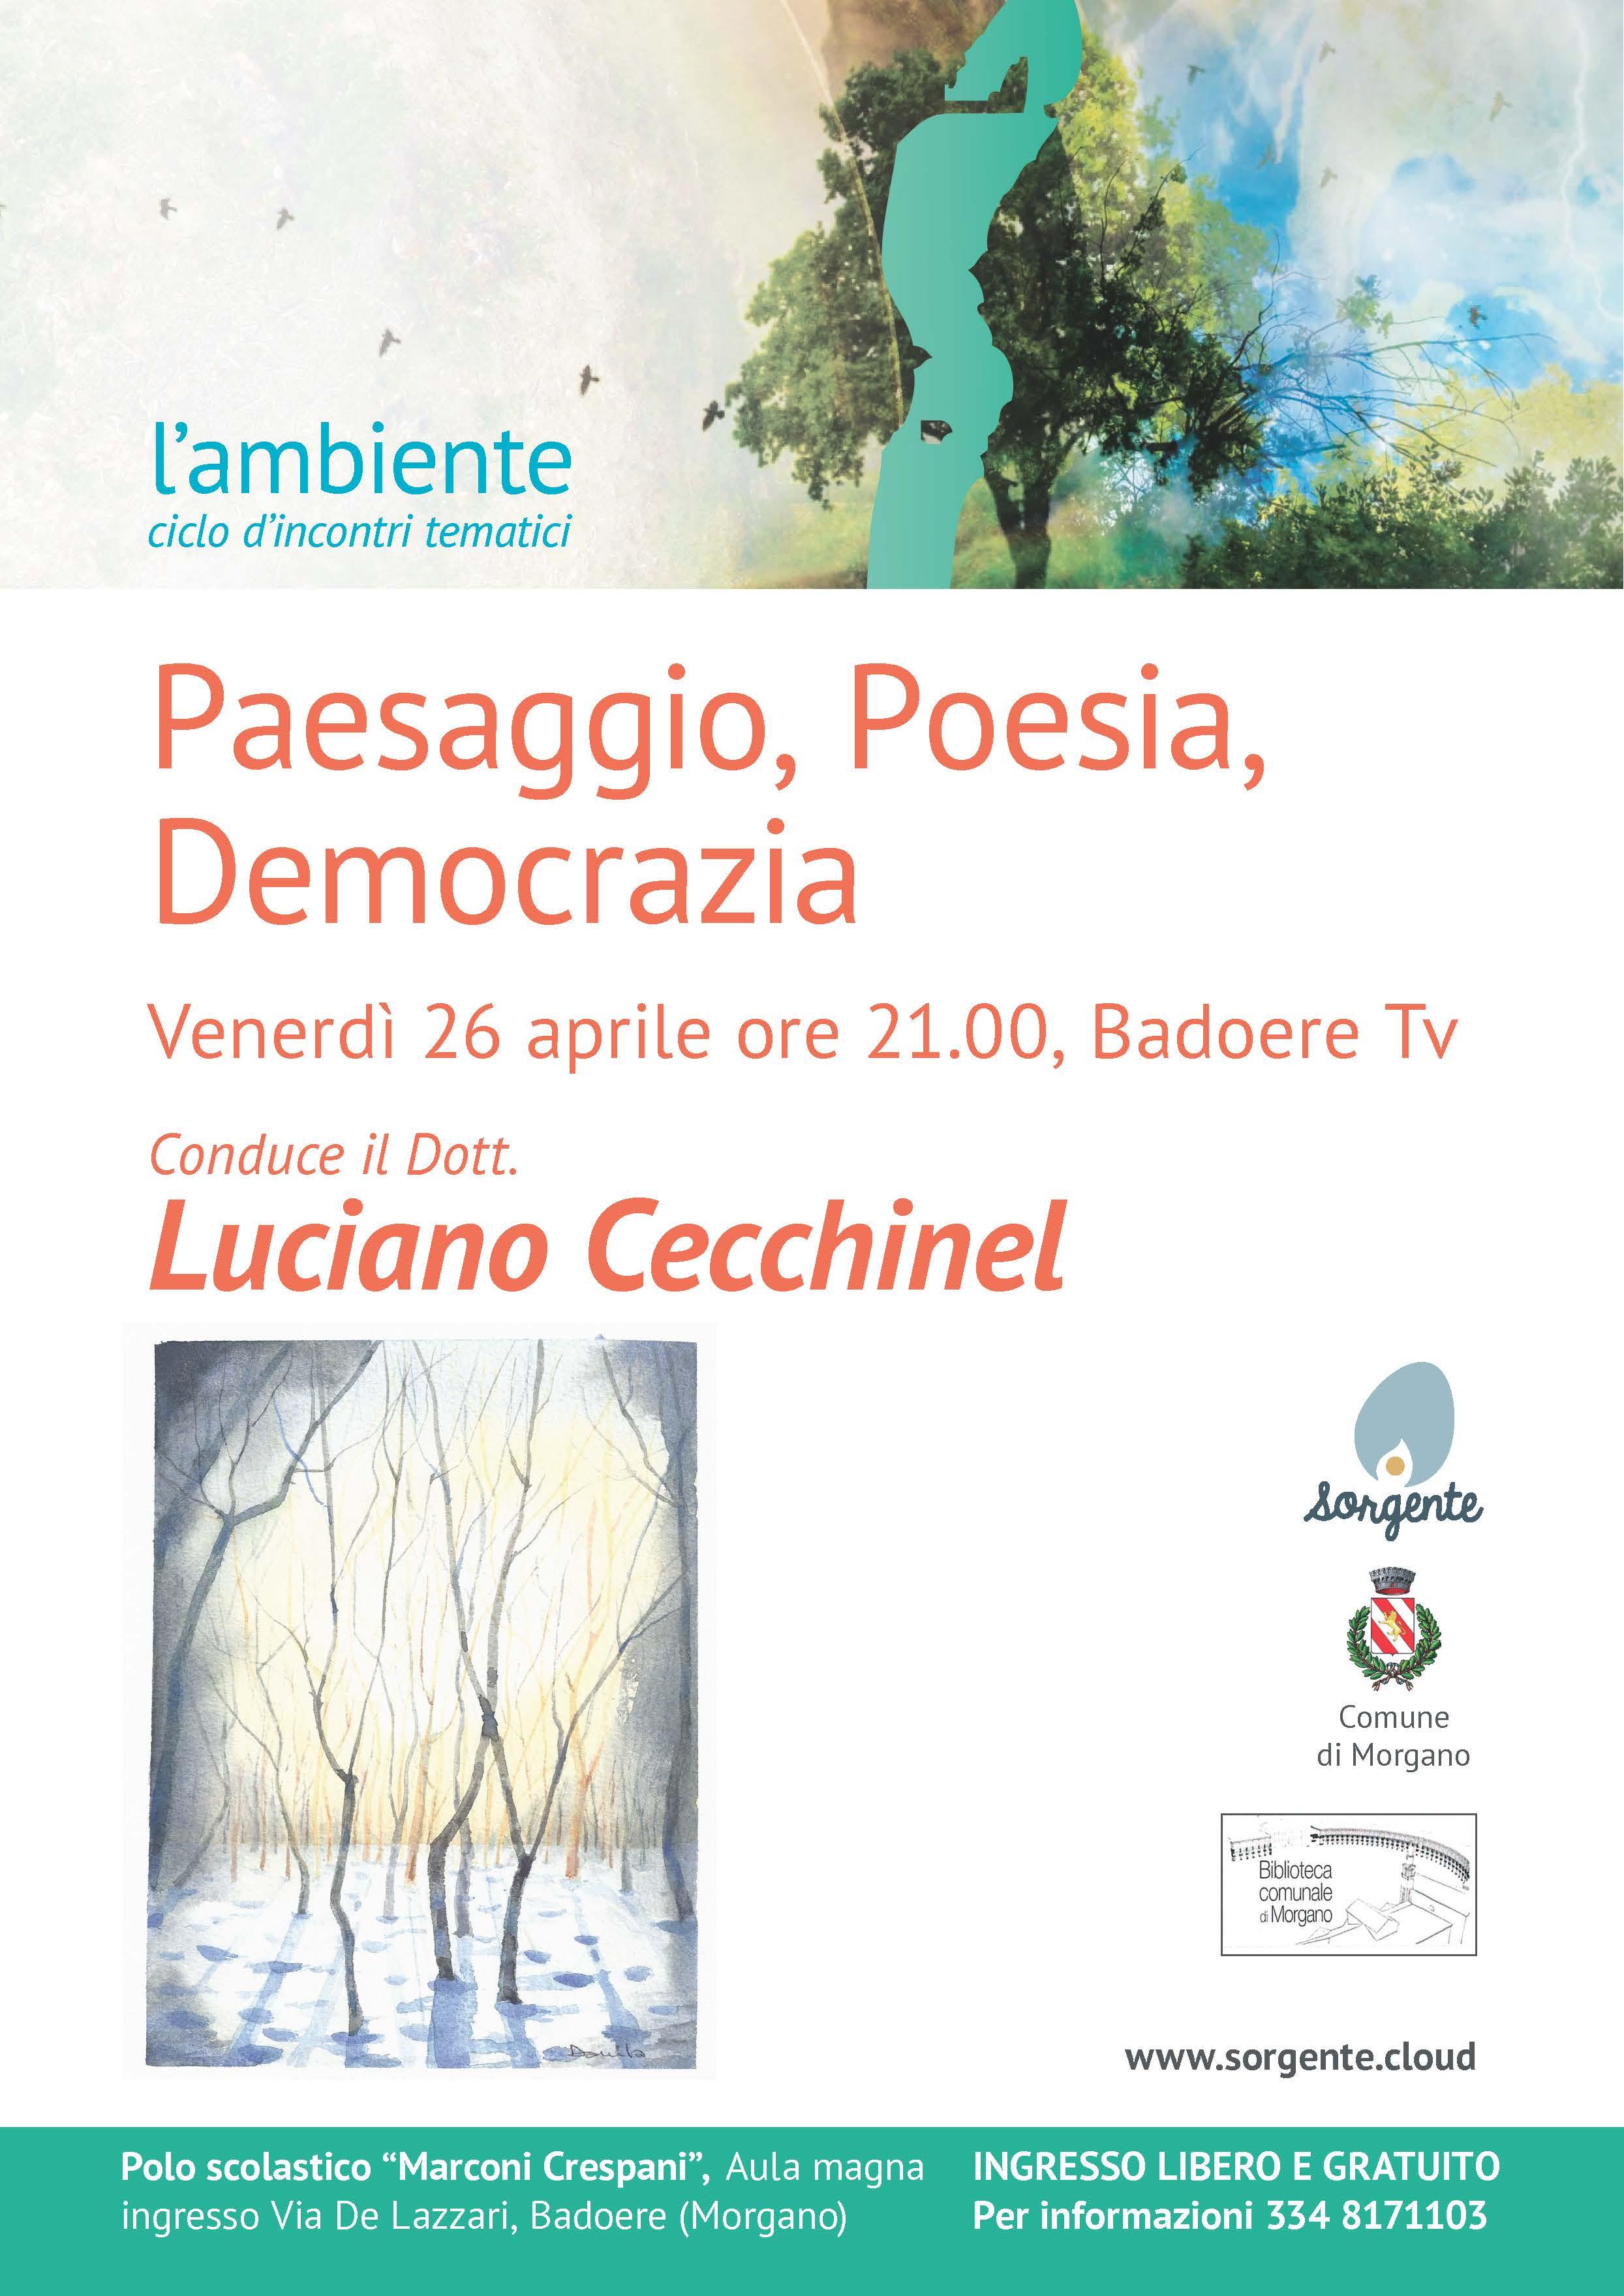 conferenza a Treviso